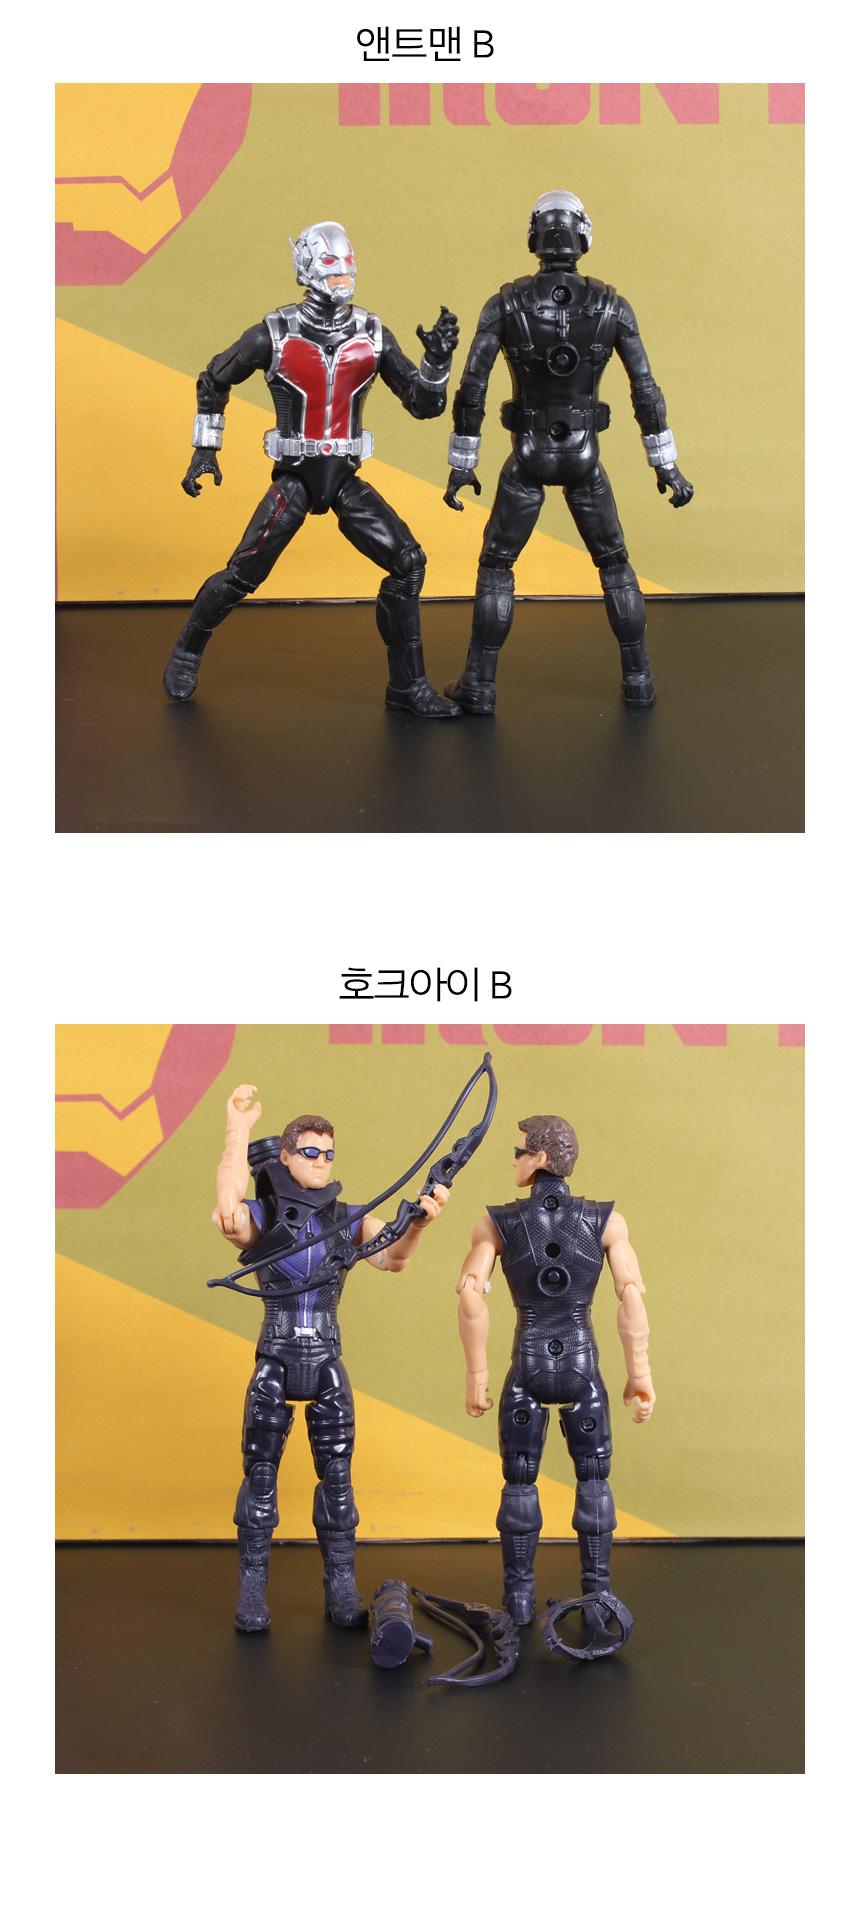 마블 어벤져스 아이언맨 스파이더맨 피규어 장난감 B - 우건해외, 4,300원, 캐릭터 피규어, 마블/DC/히어로코믹